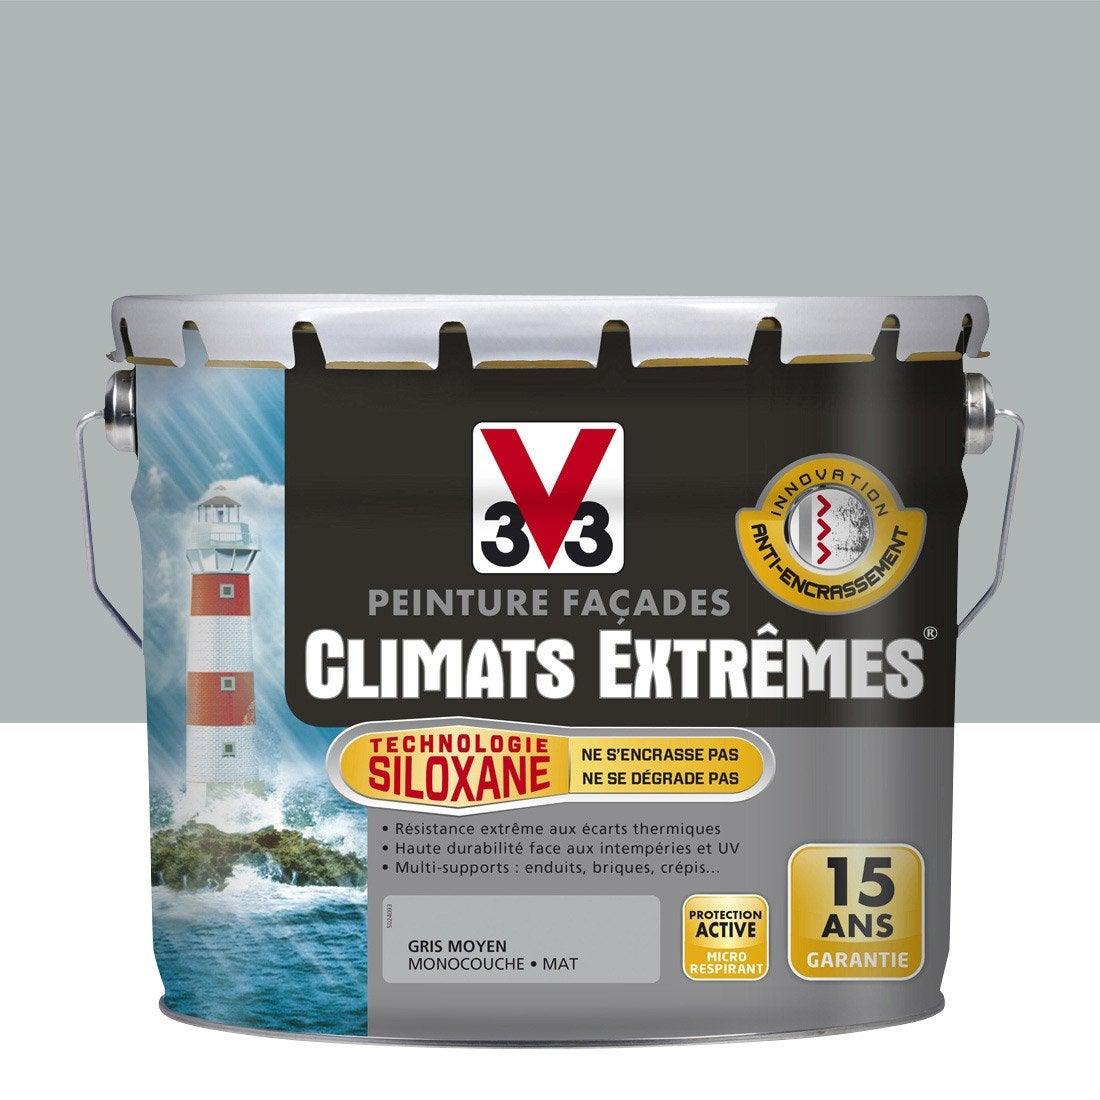 peinture fa ade climats extr mes v33 gris moyen 10 l. Black Bedroom Furniture Sets. Home Design Ideas